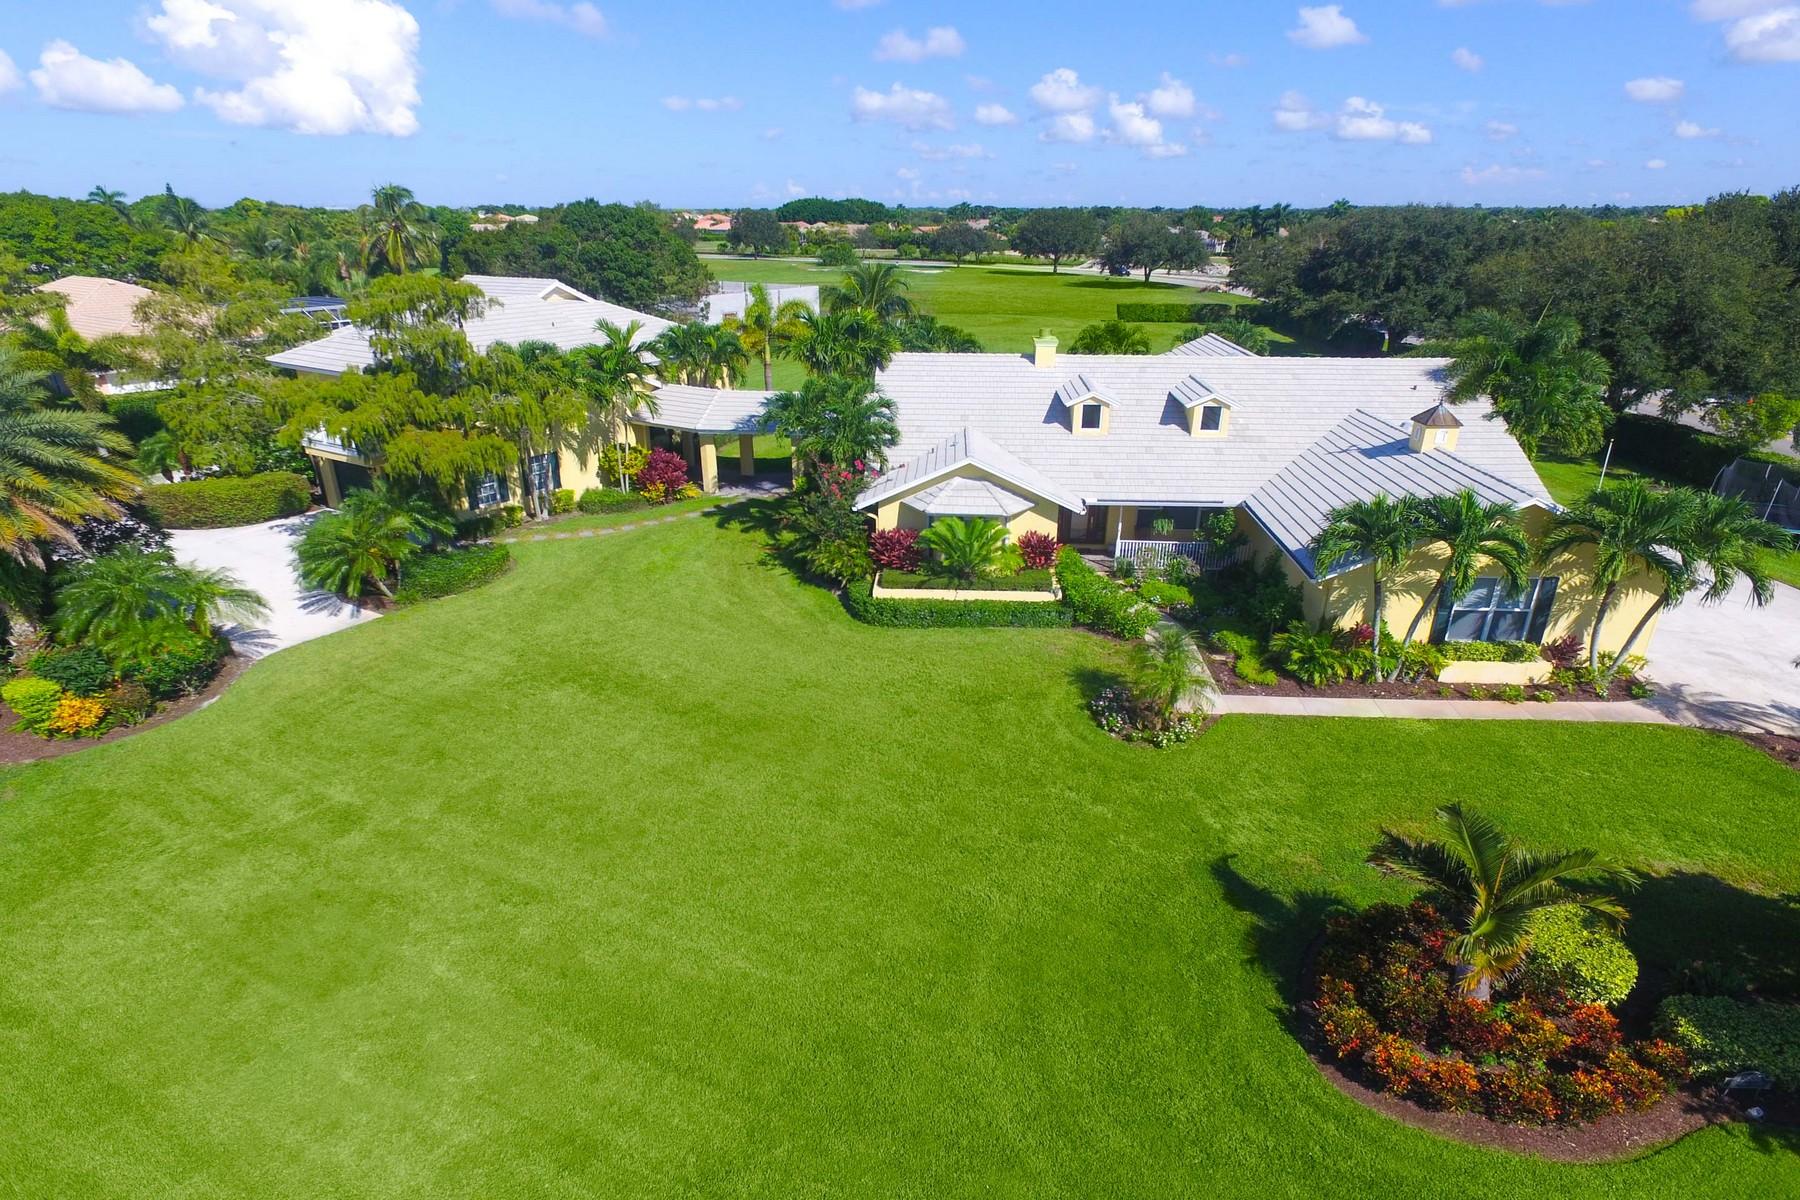 Single Family Home for Sale at 15535 Sunward Street Aero Club, Wellington, Florida, 33414 United States